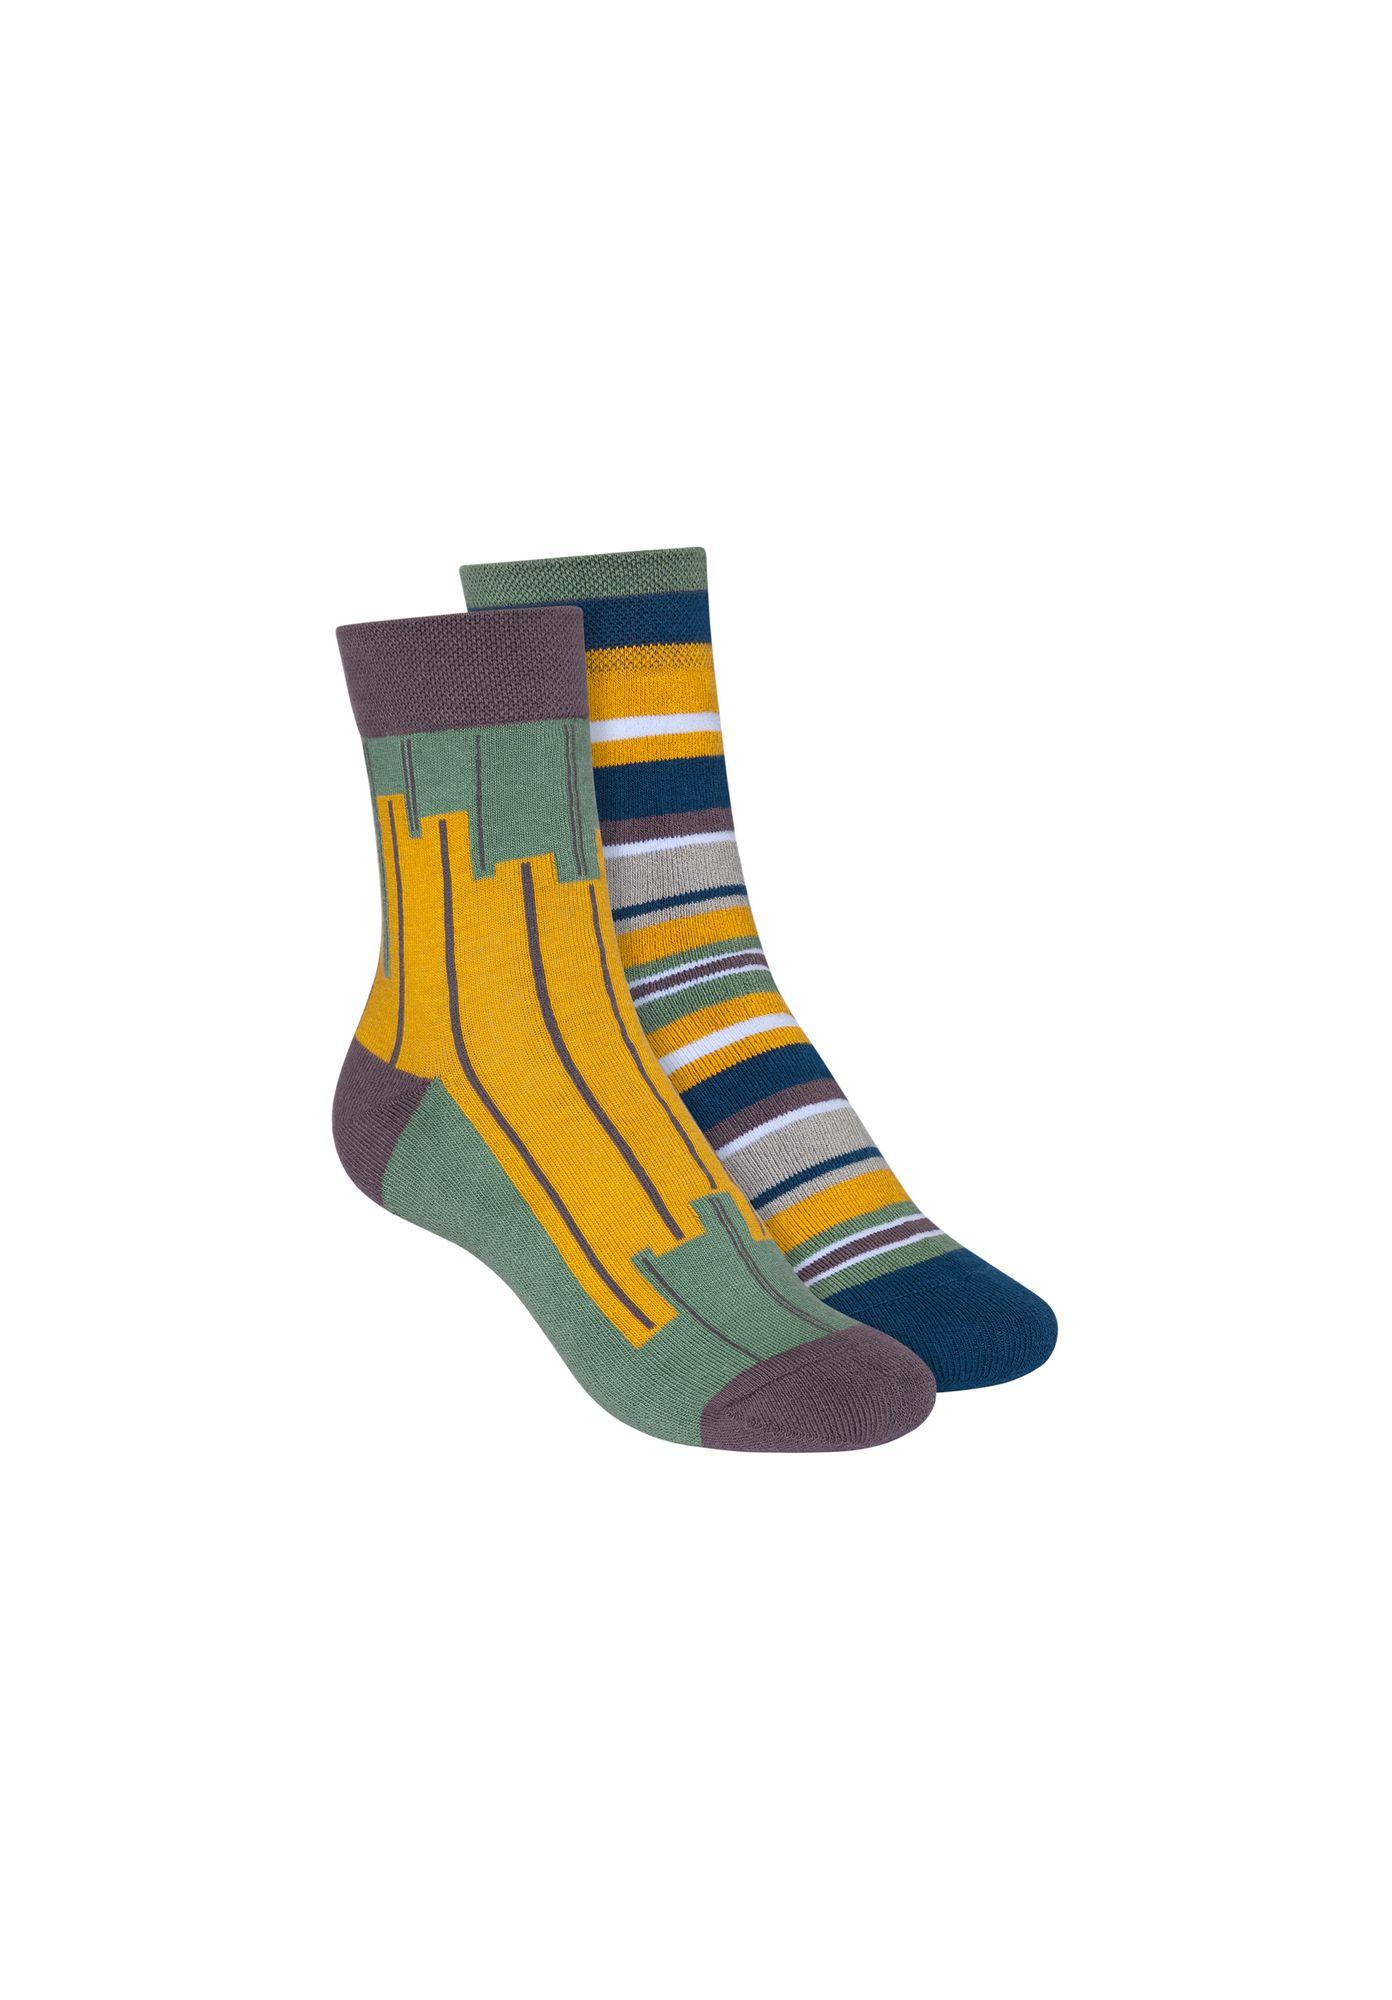 2 Pack Terry Mid Socks Stripes Ink Blue/Skyline Jade